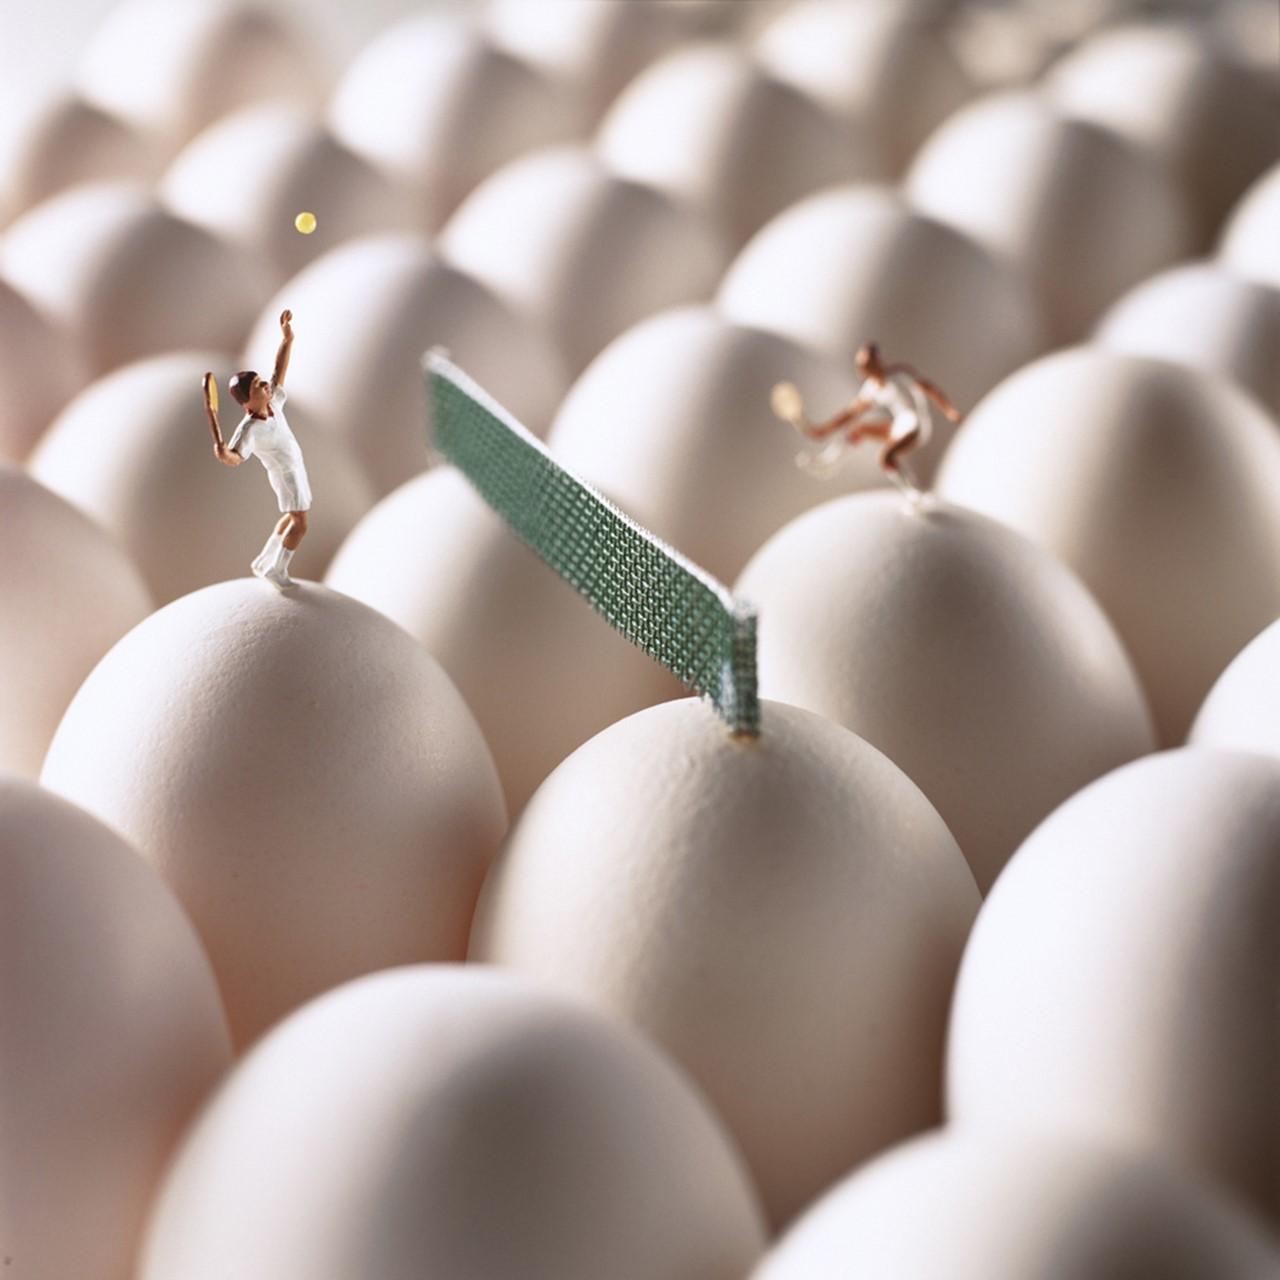 Фото Фигурки людей, играющих в теннис на куриных яйцах